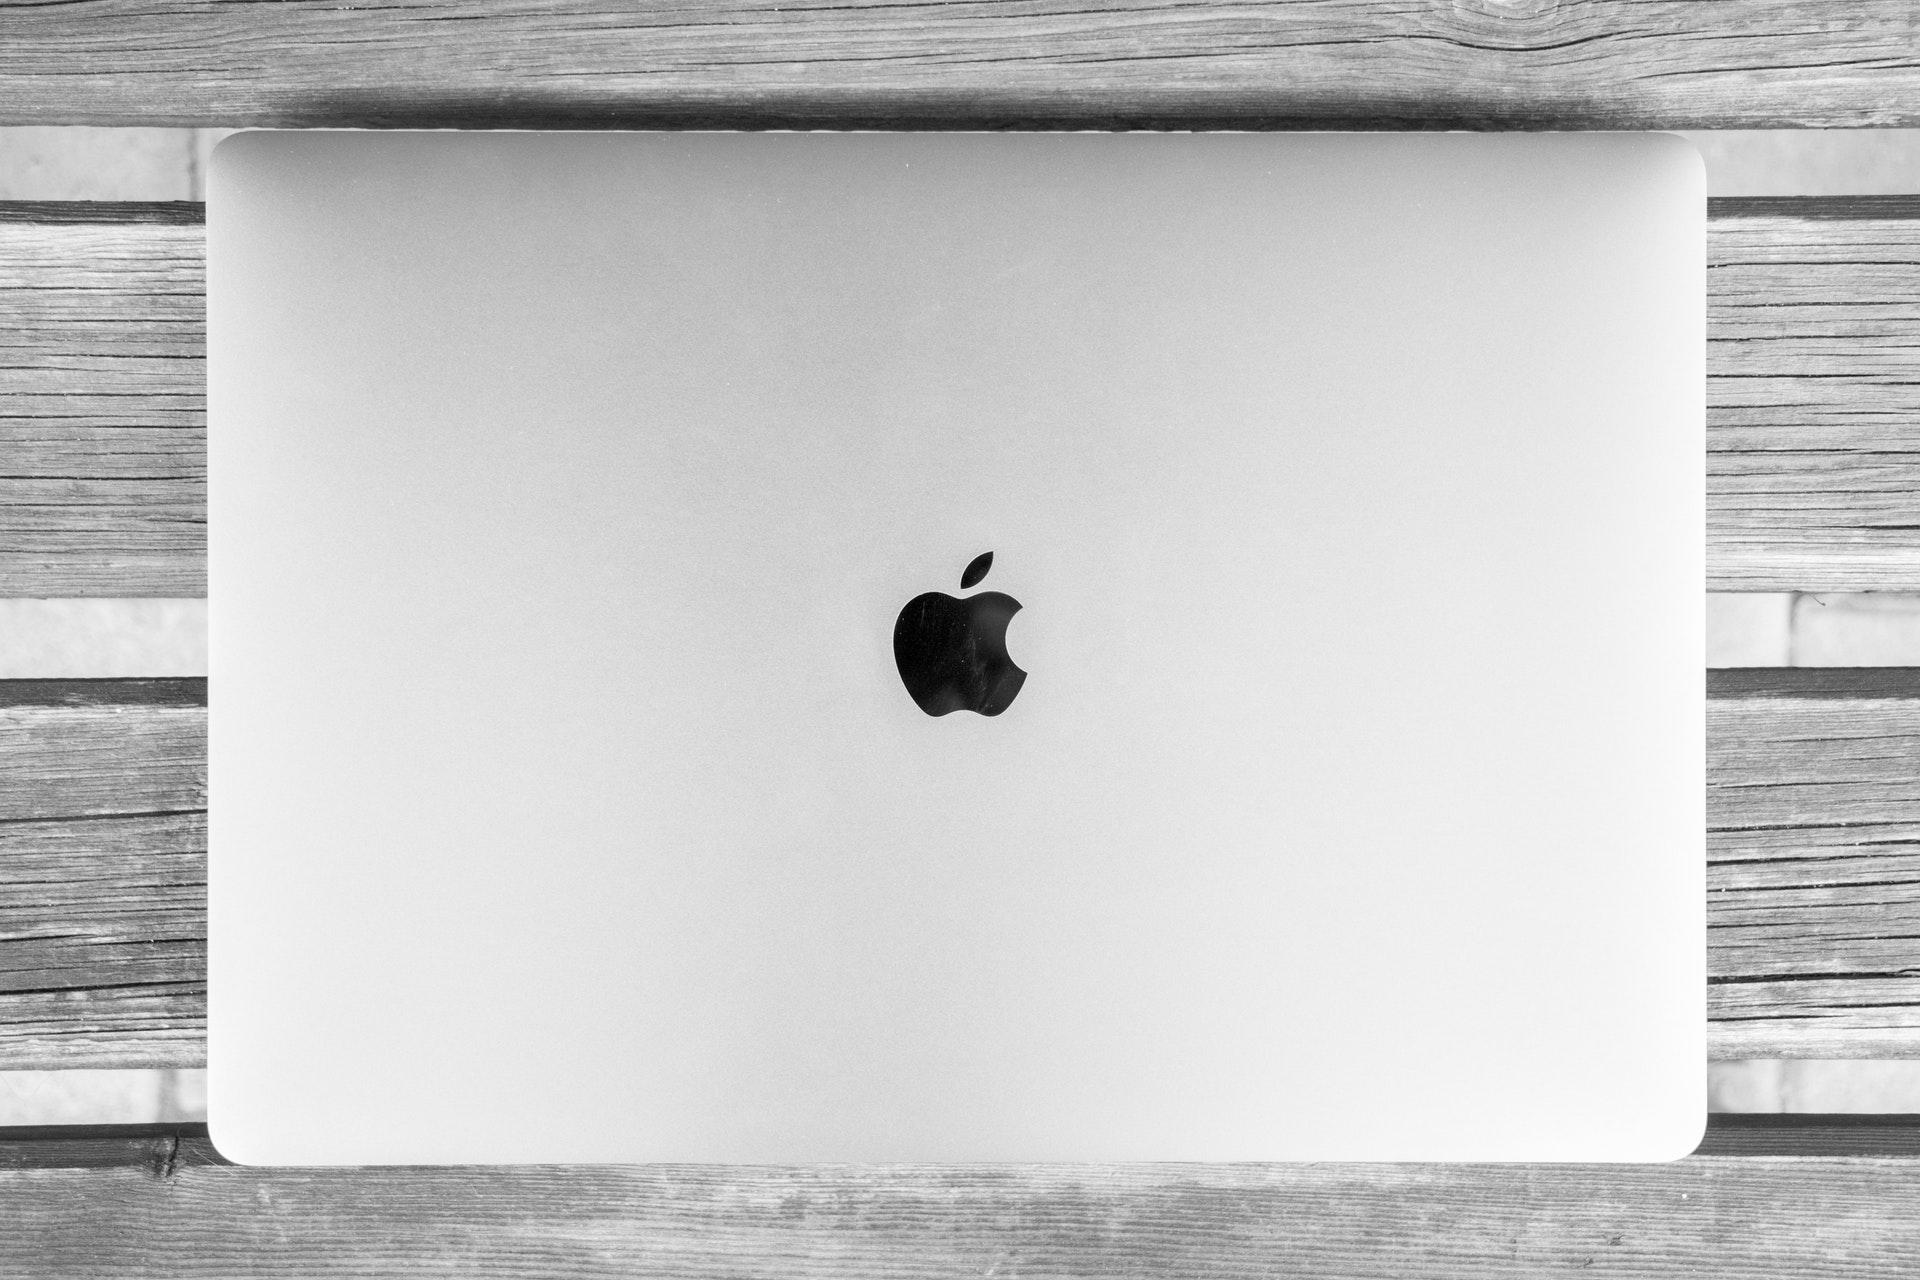 Az Apple az egyik legerősebb és legértékesebb brand a világon